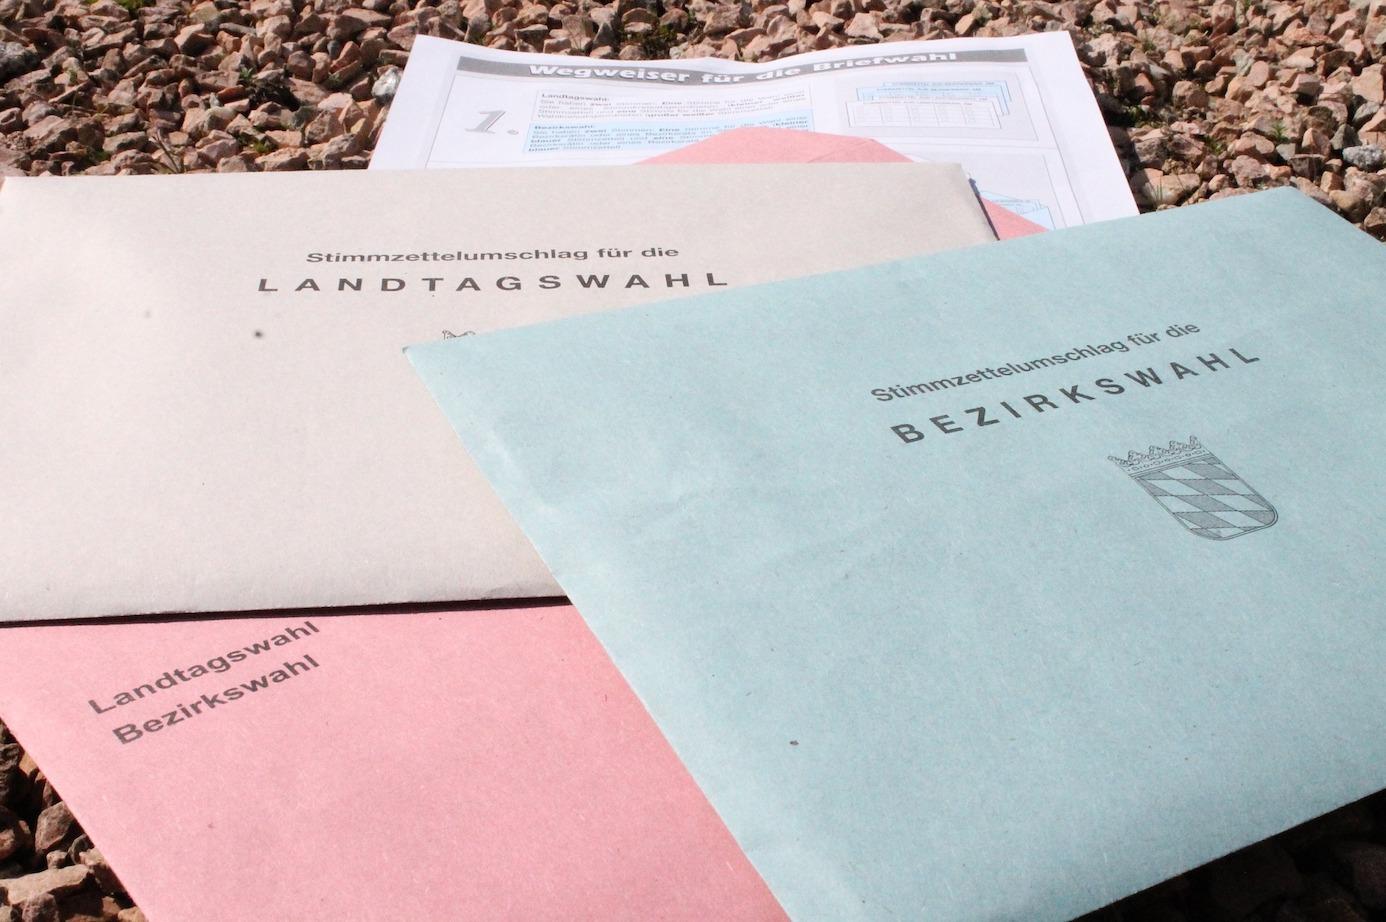 Vor allem in Corona-Zeiten entscheiden sich viele für die Briefwahl. Doch warum werden die Unterlagen nicht gleich mit der Wahlbenachrichtigung verschickt? Foto: planet_fox/pixabay.com